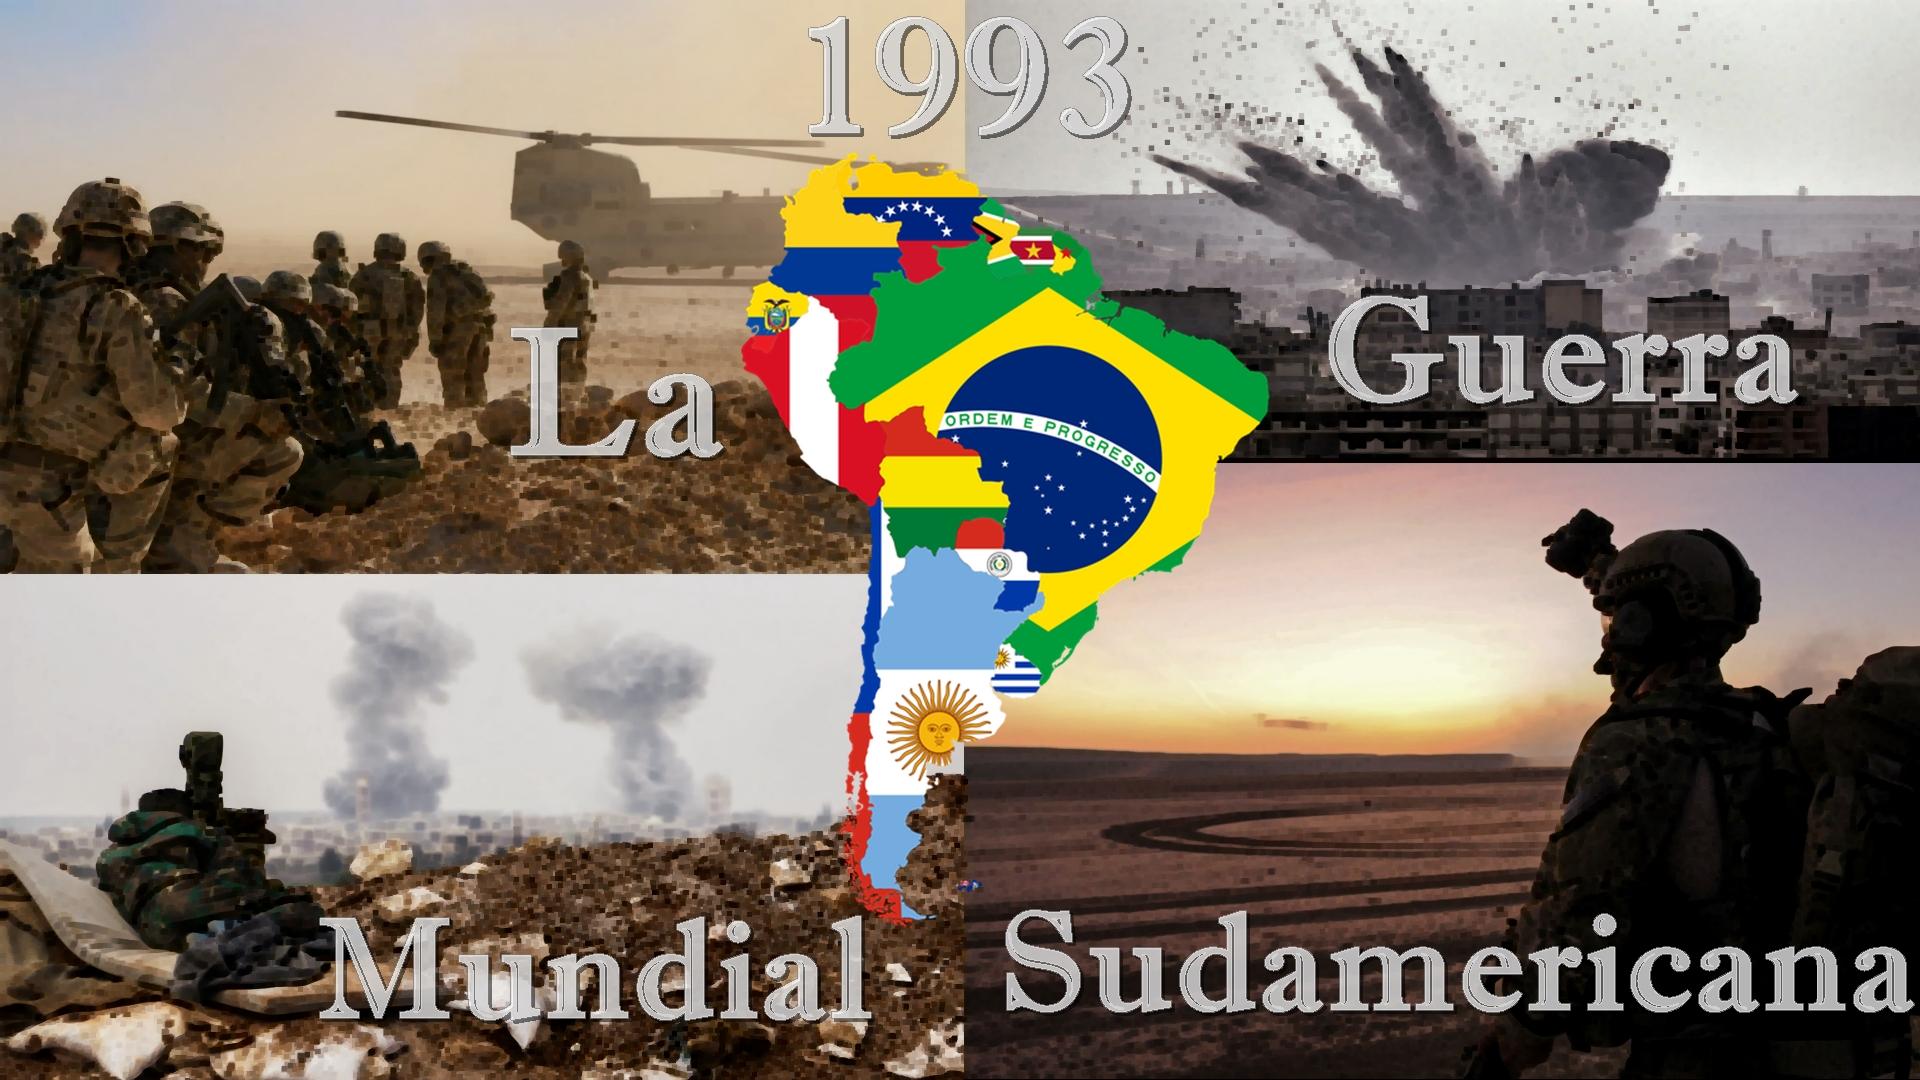 1993: La Guerra Mundial Sudamericana